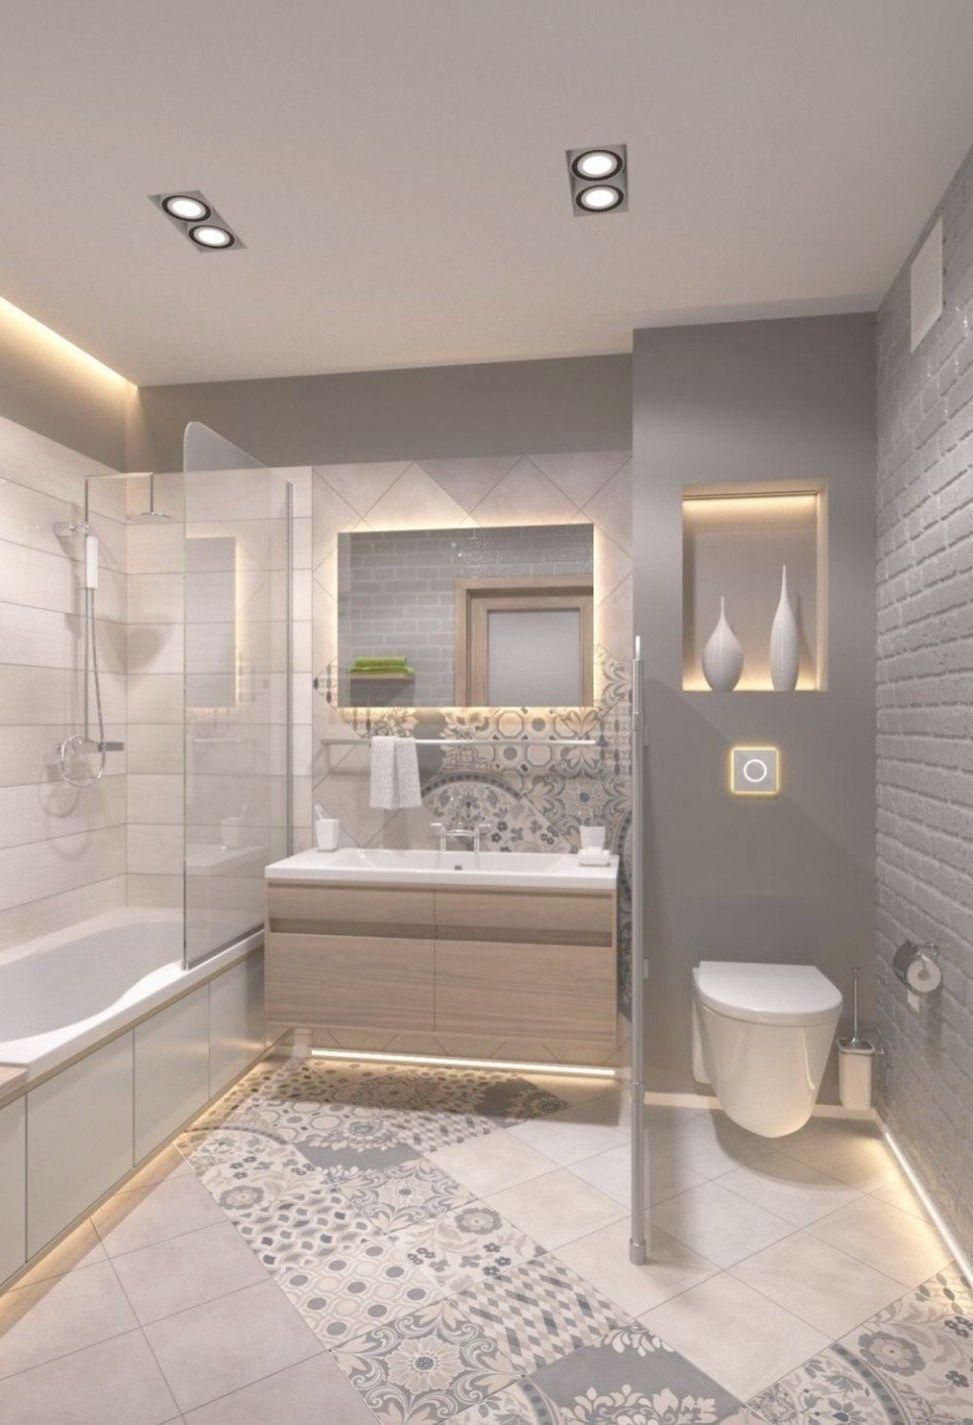 Contemporary Bathroom Exhaust Fan With Light Upon Bathroom Faucets Kohler Despite Contemporary B Top Bathroom Design Minimalist Bathroom Design Bathroom Design